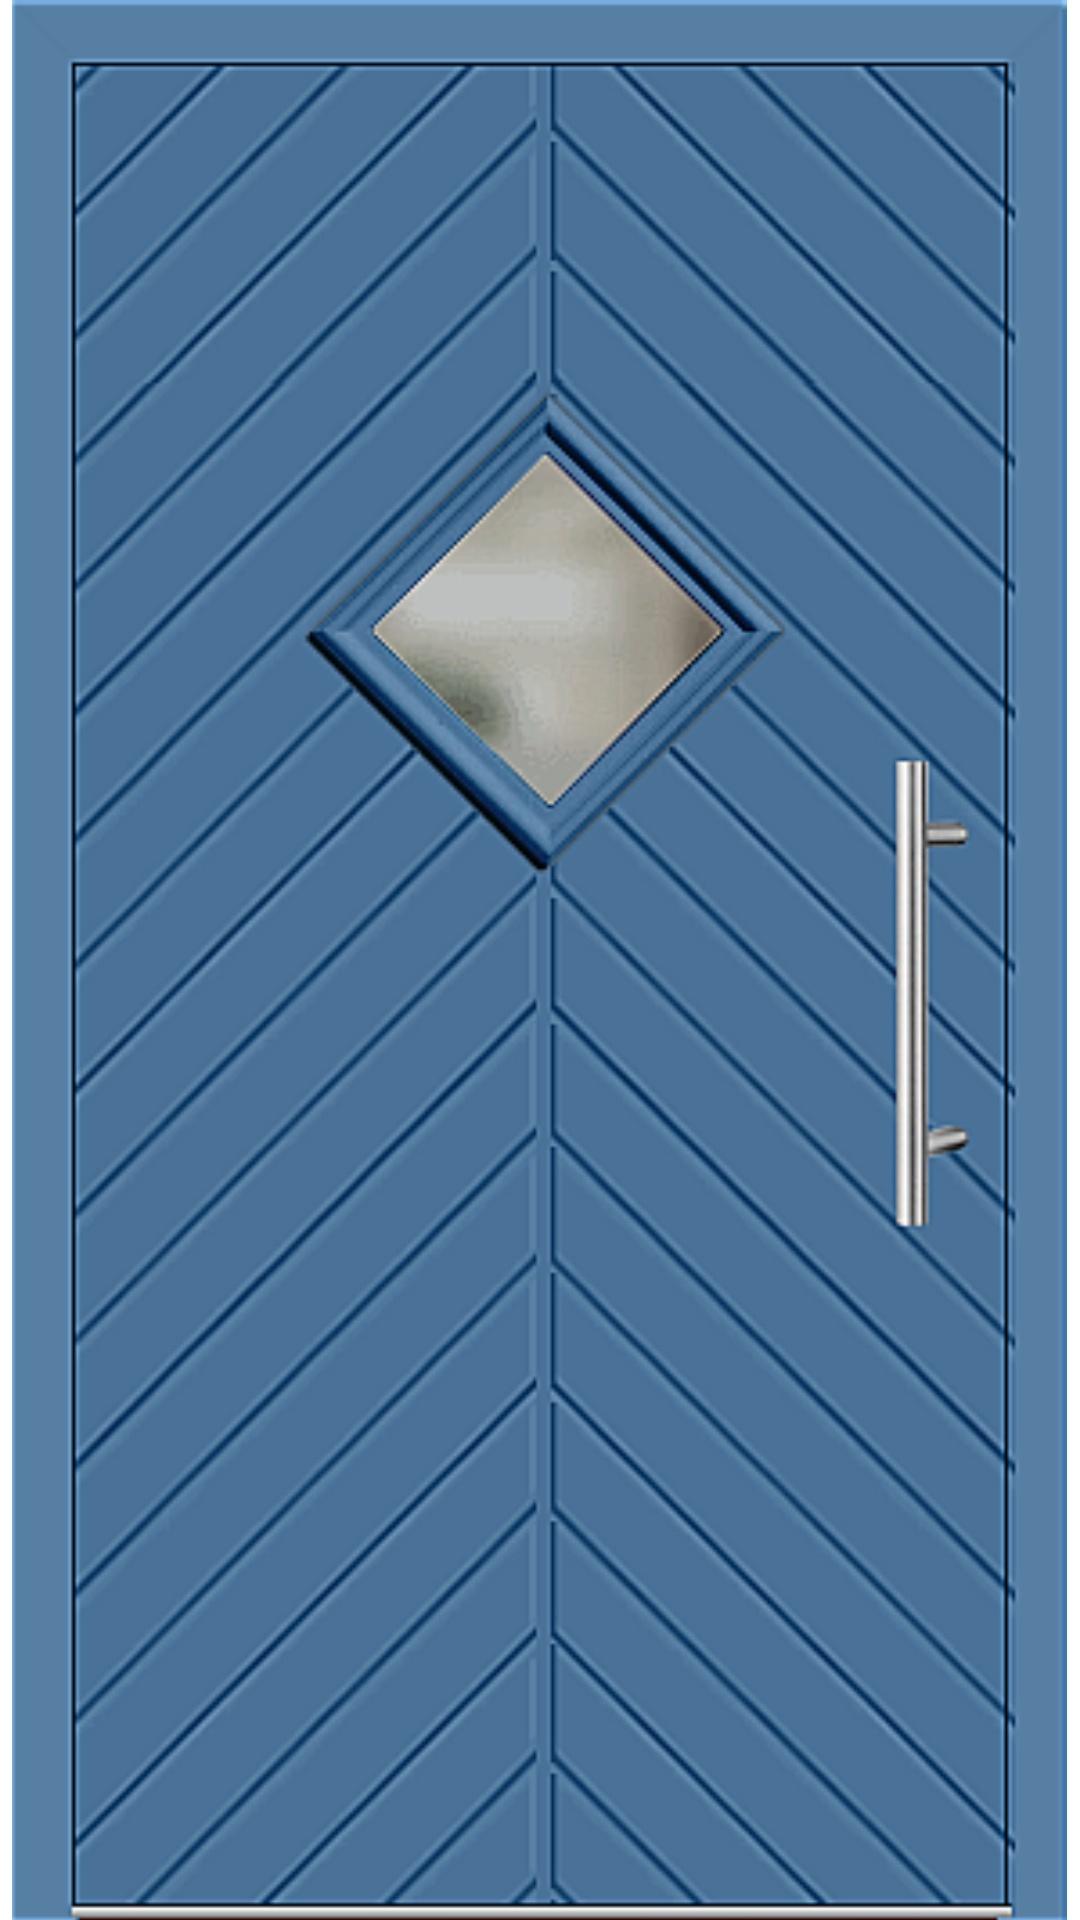 Kunststoff Haustür Modell 23-62 lichtblau